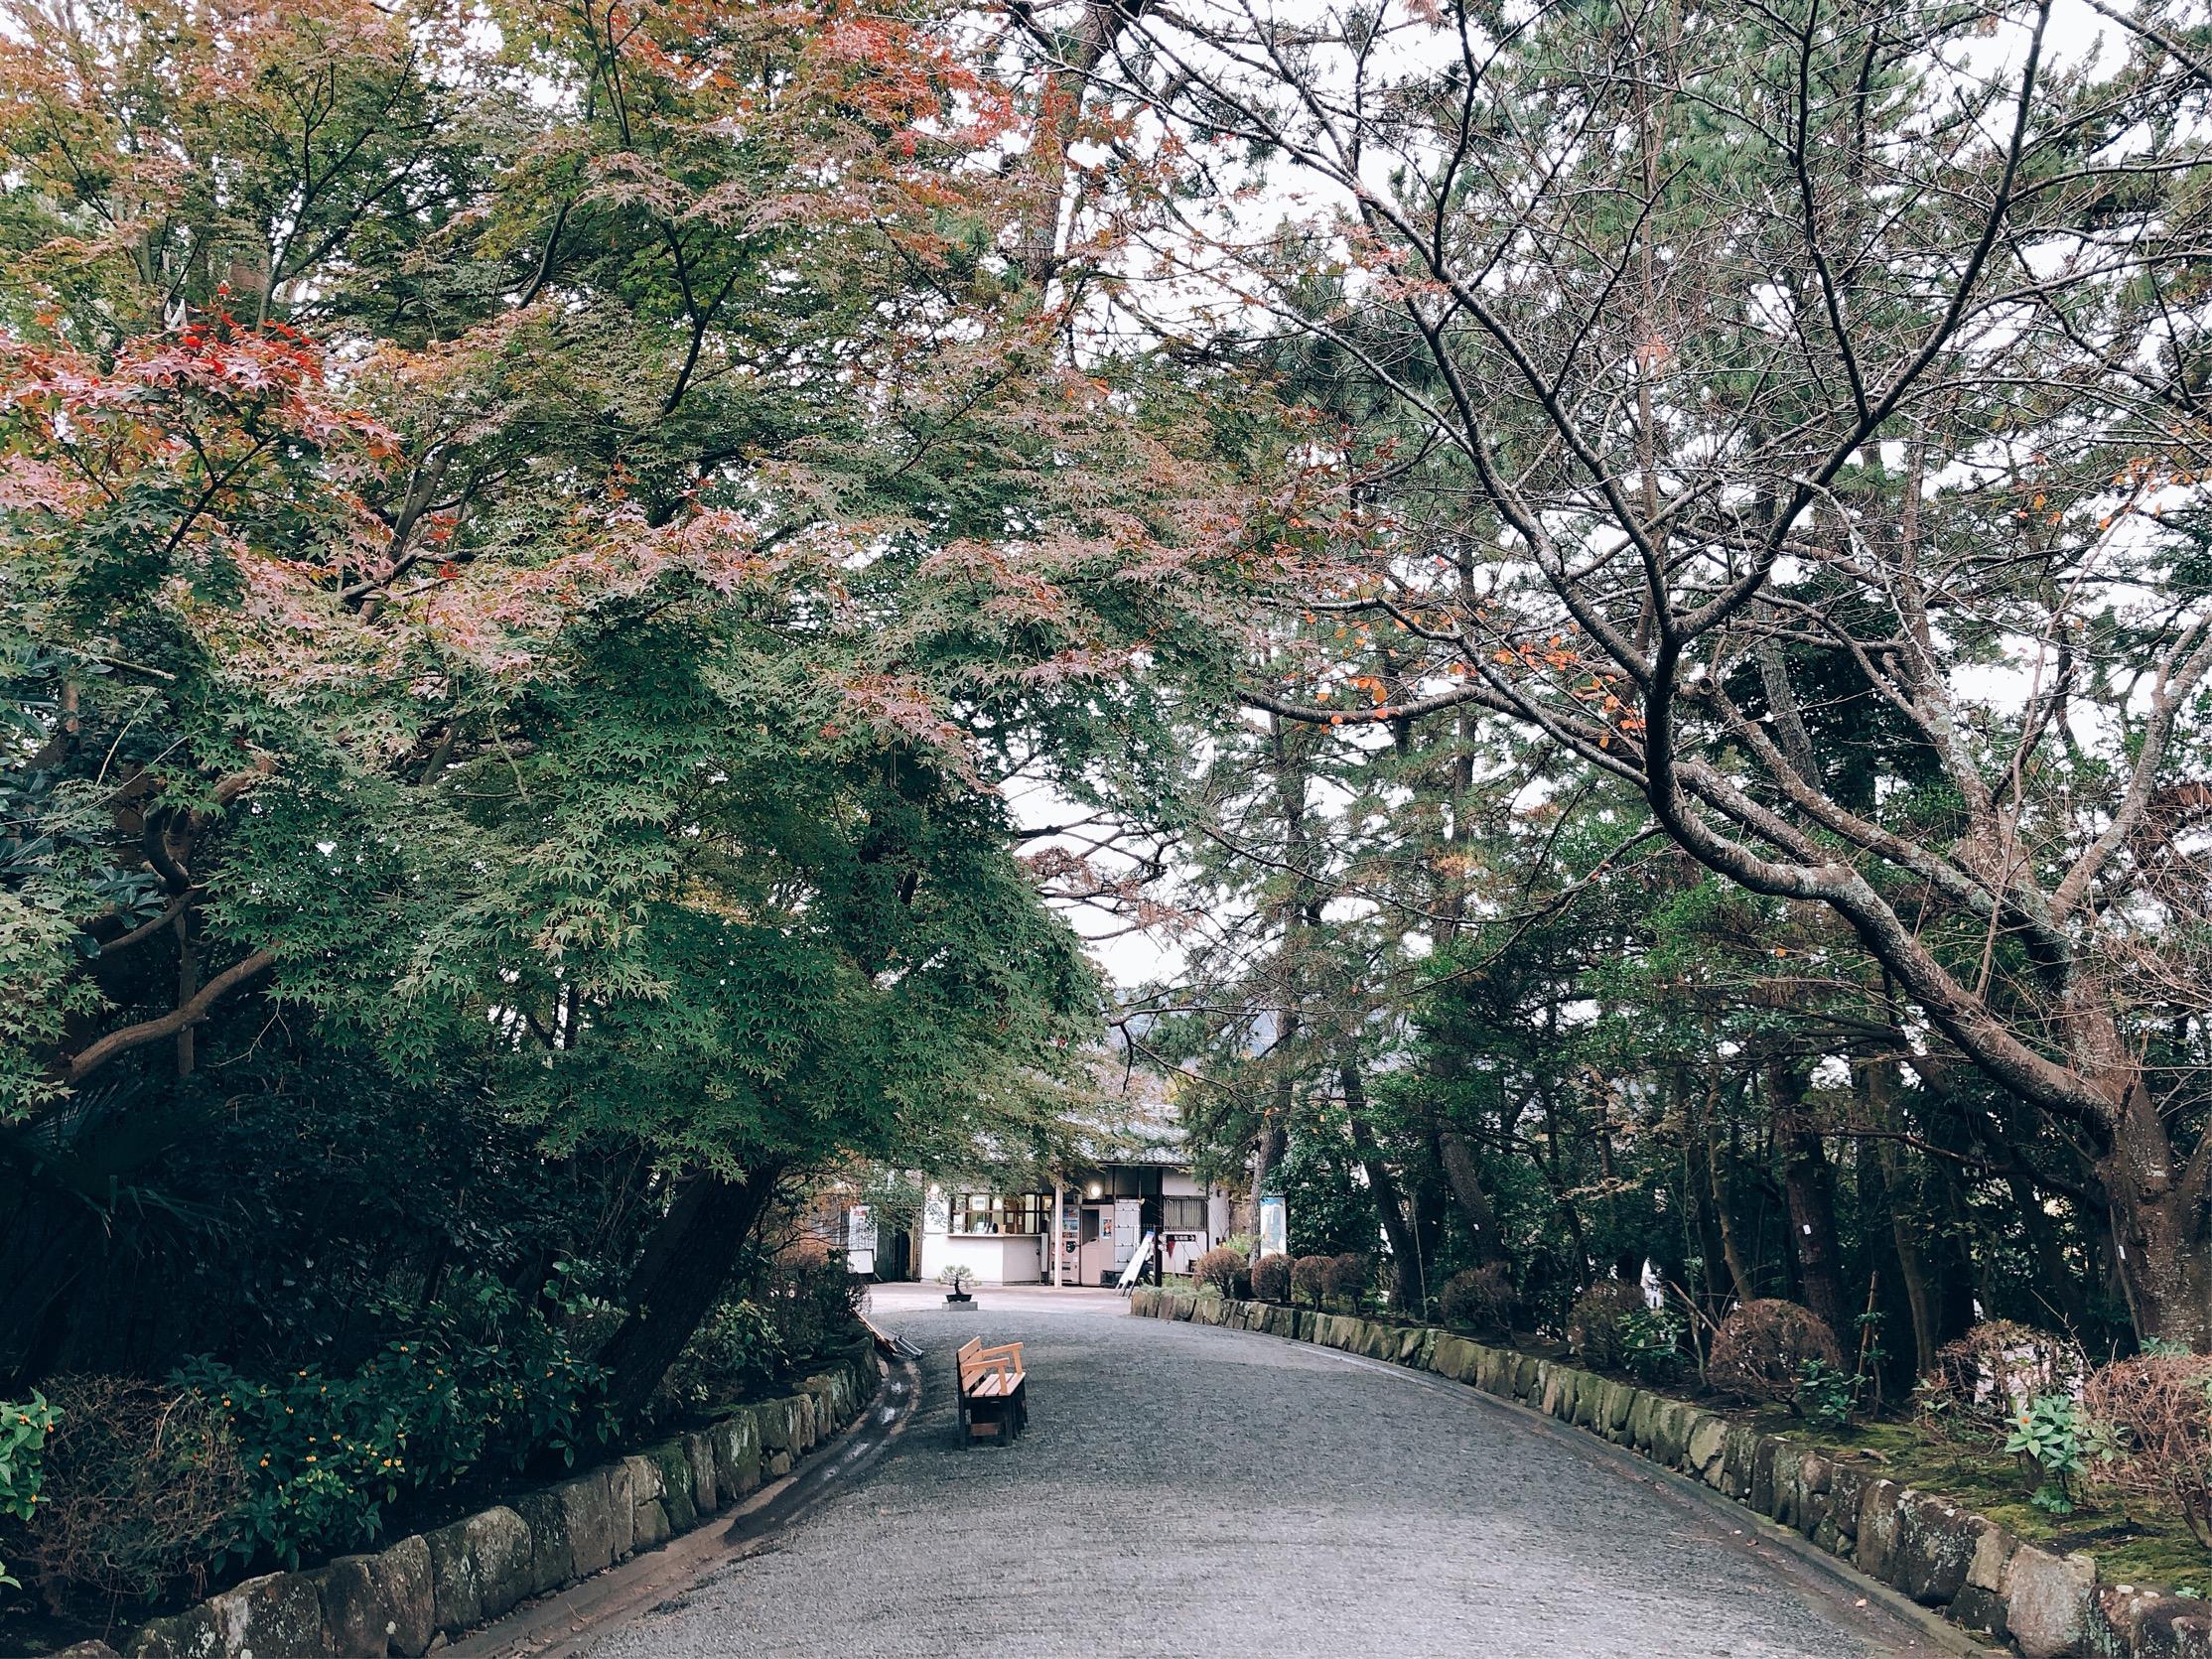 しおさい公園に入り、の入り口を振り返ったところ。まだ紅葉は始まったばかり。